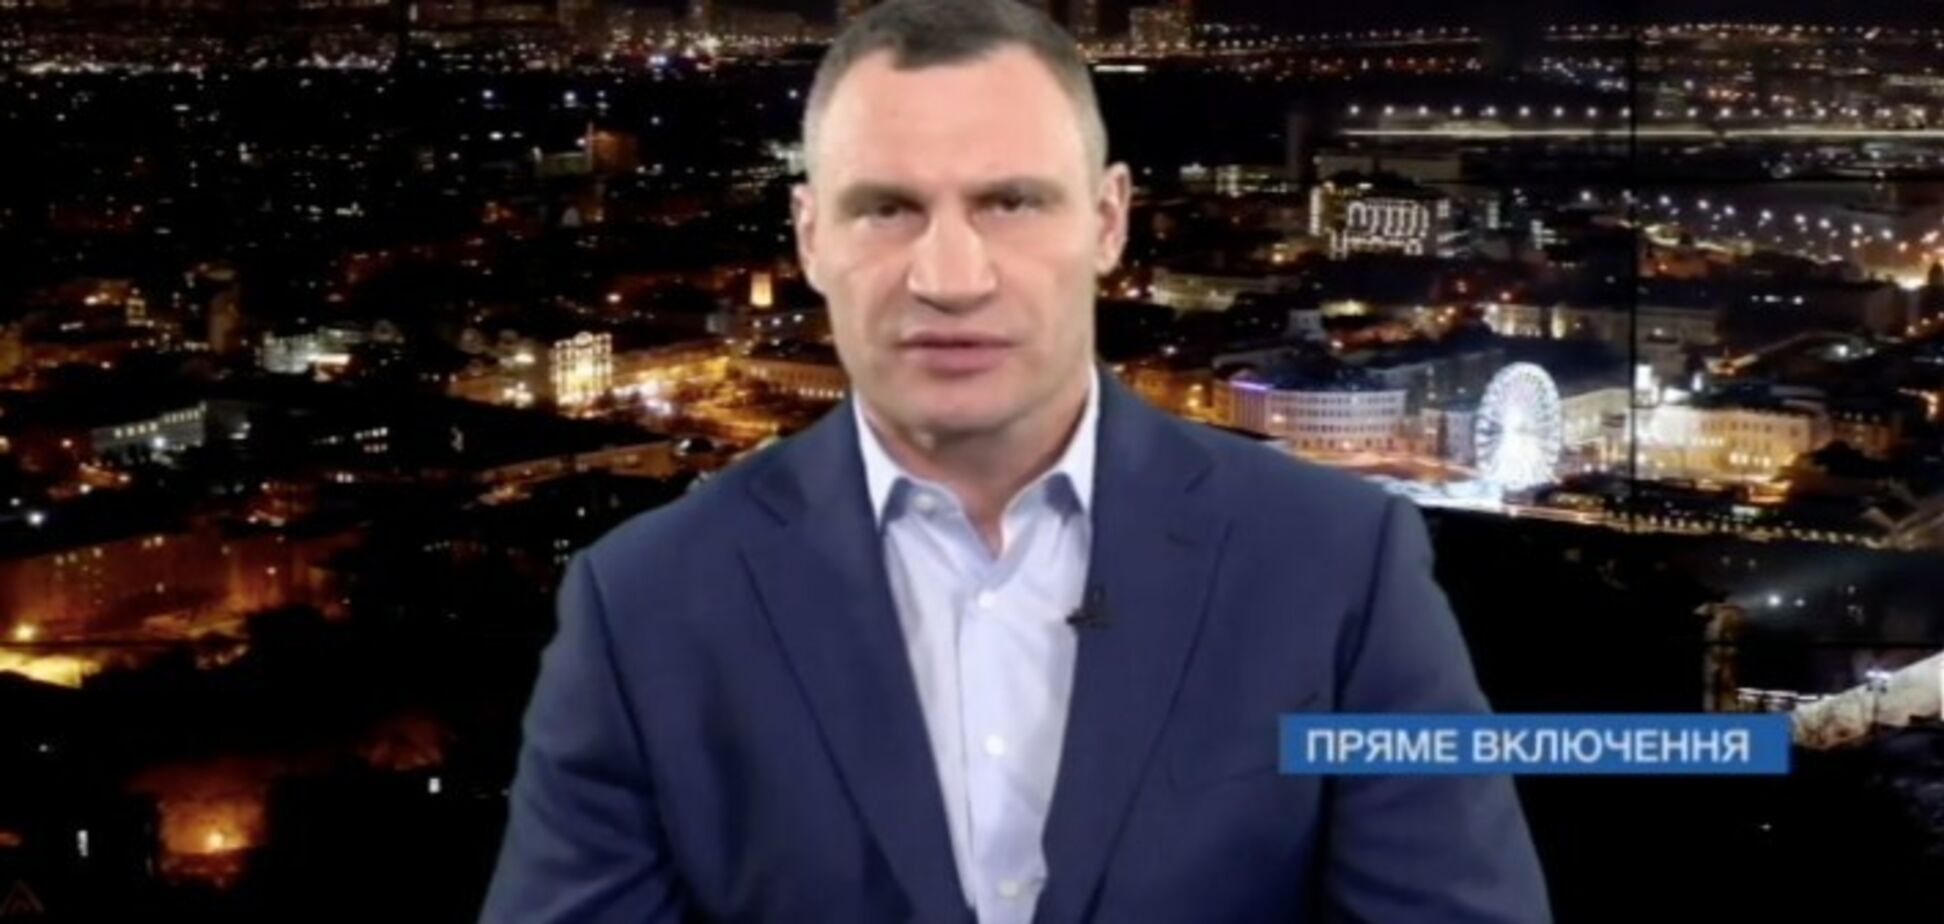 Кличко заявив про спроби його дискредитувати